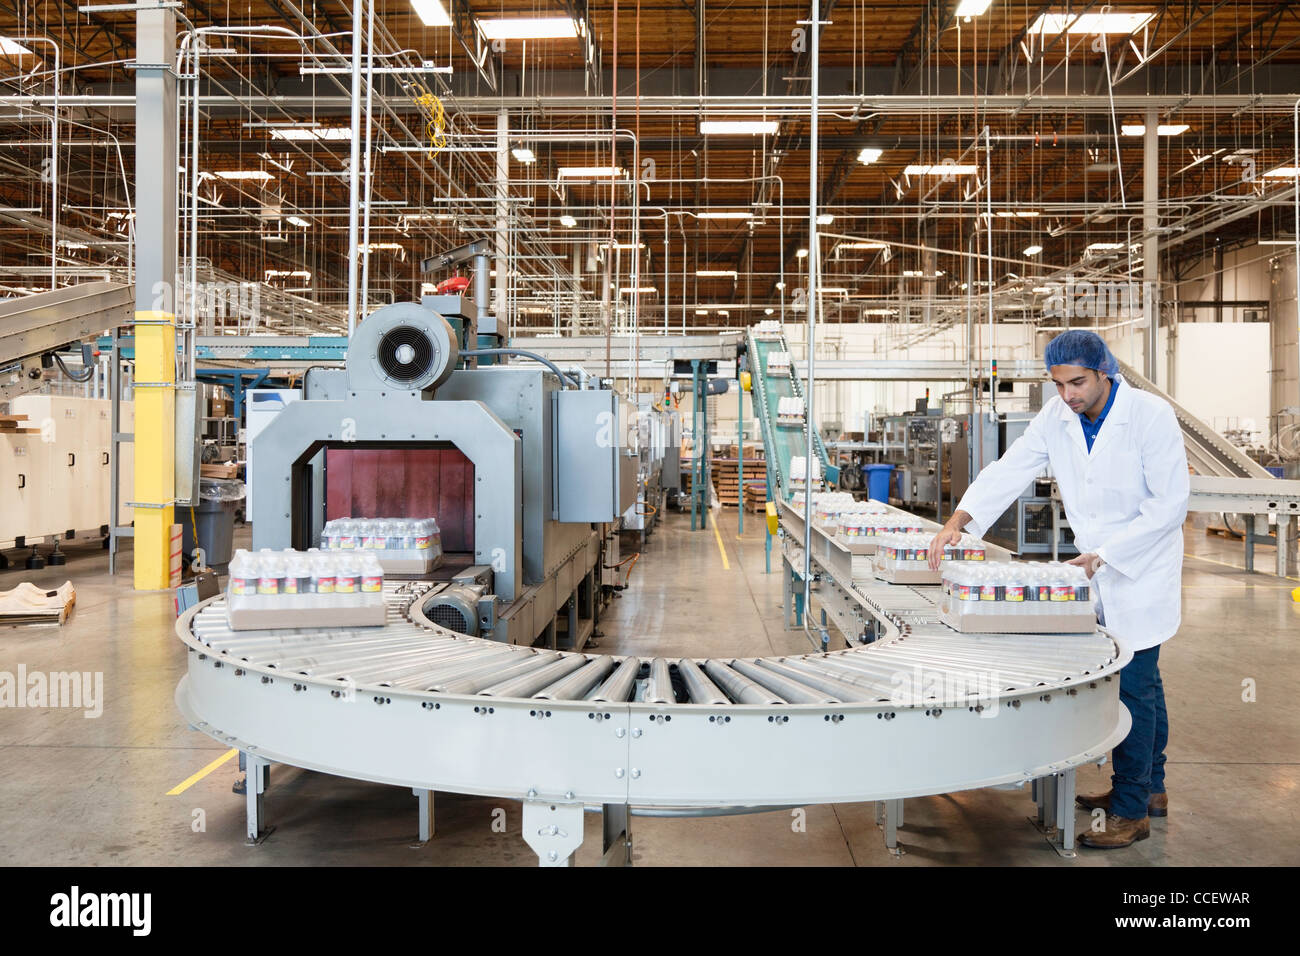 Hombre trabajando en la fábrica de embotellamiento Imagen De Stock